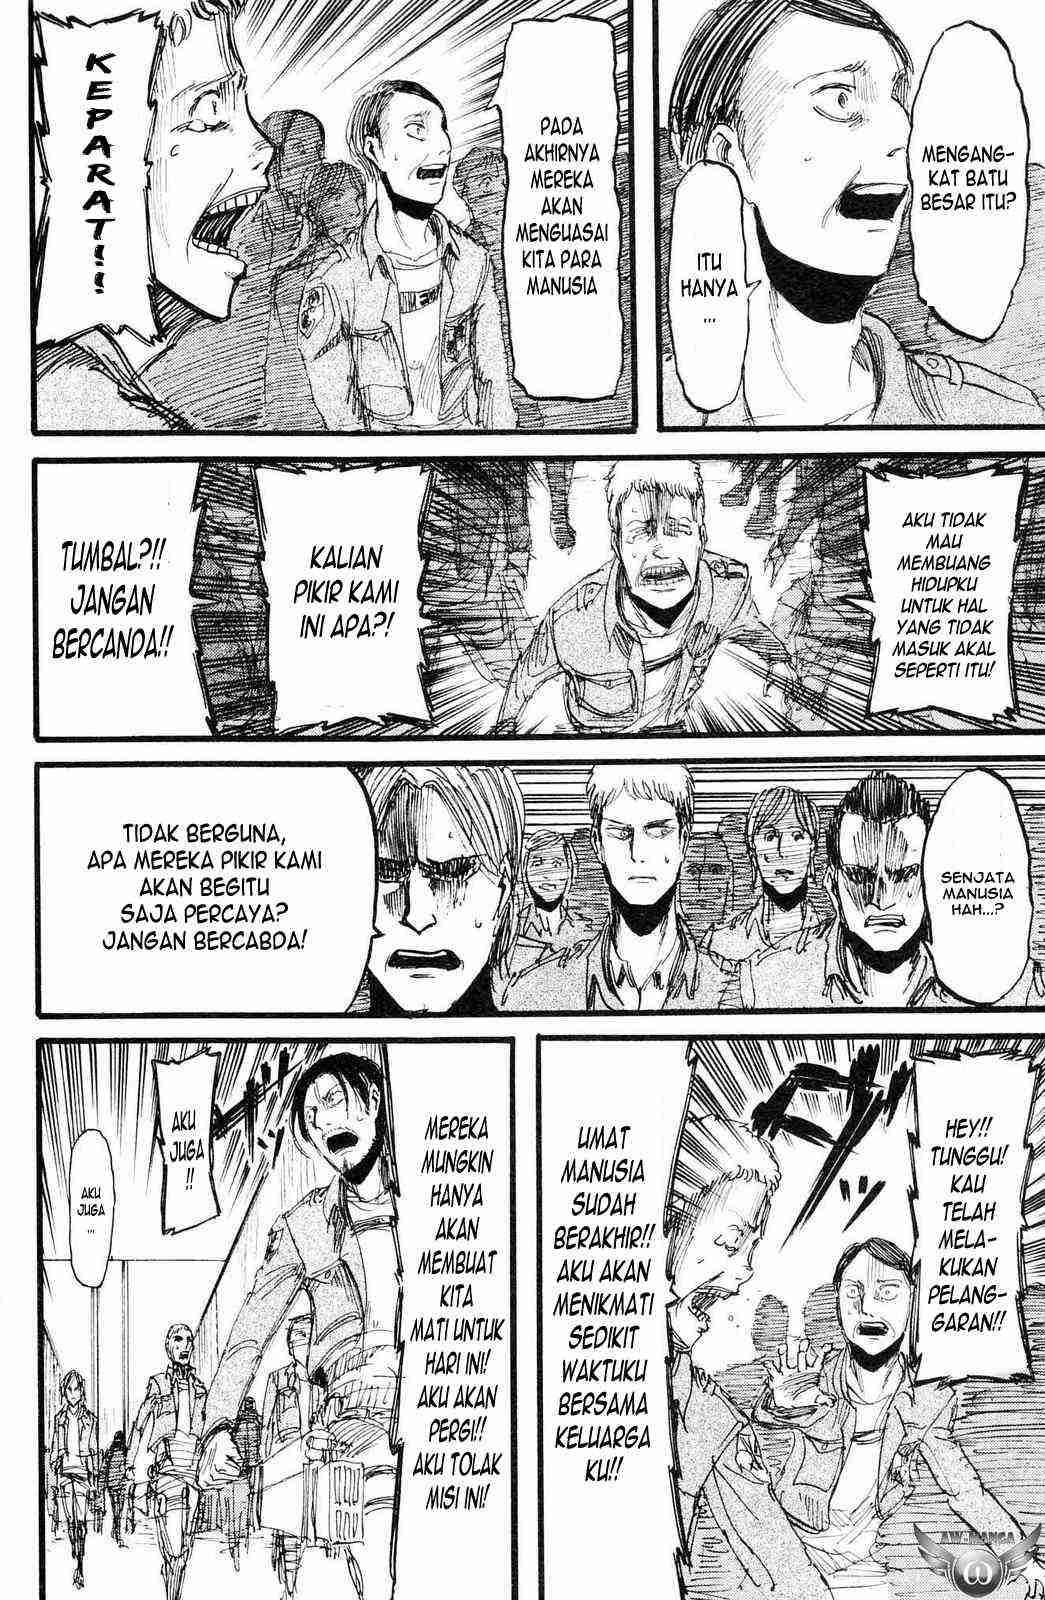 Komik shingeki no kyojin 012 13 Indonesia shingeki no kyojin 012 Terbaru 25|Baca Manga Komik Indonesia|